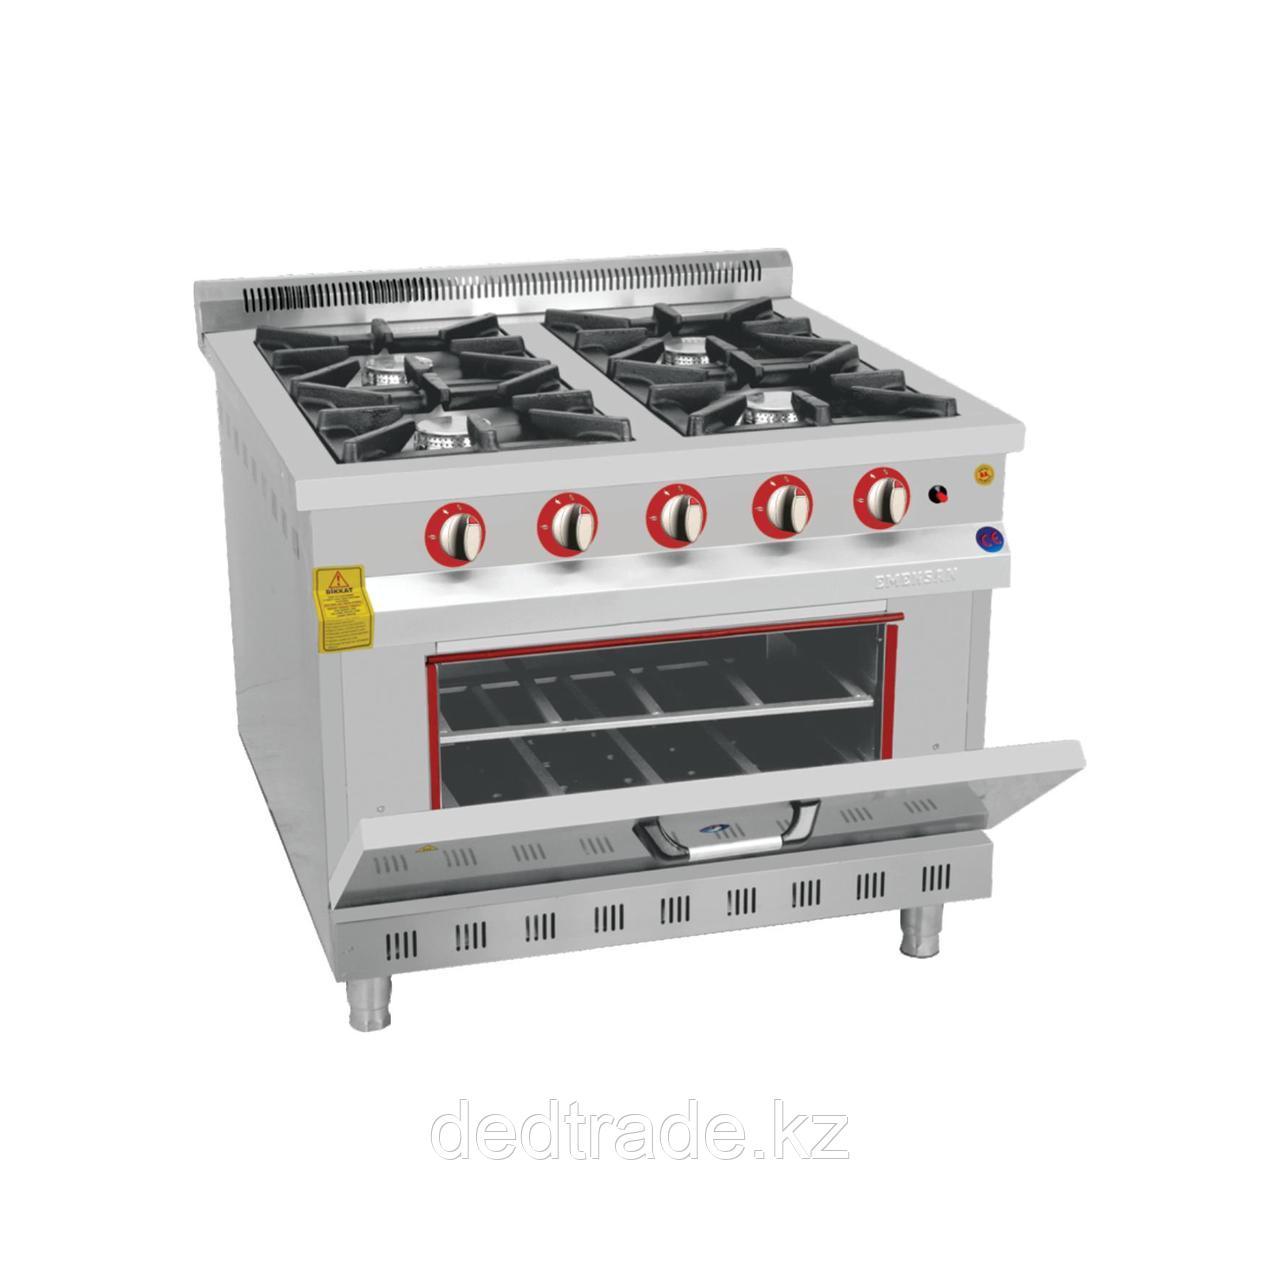 Промышленная газовая плита 4-х конф.с духовкой